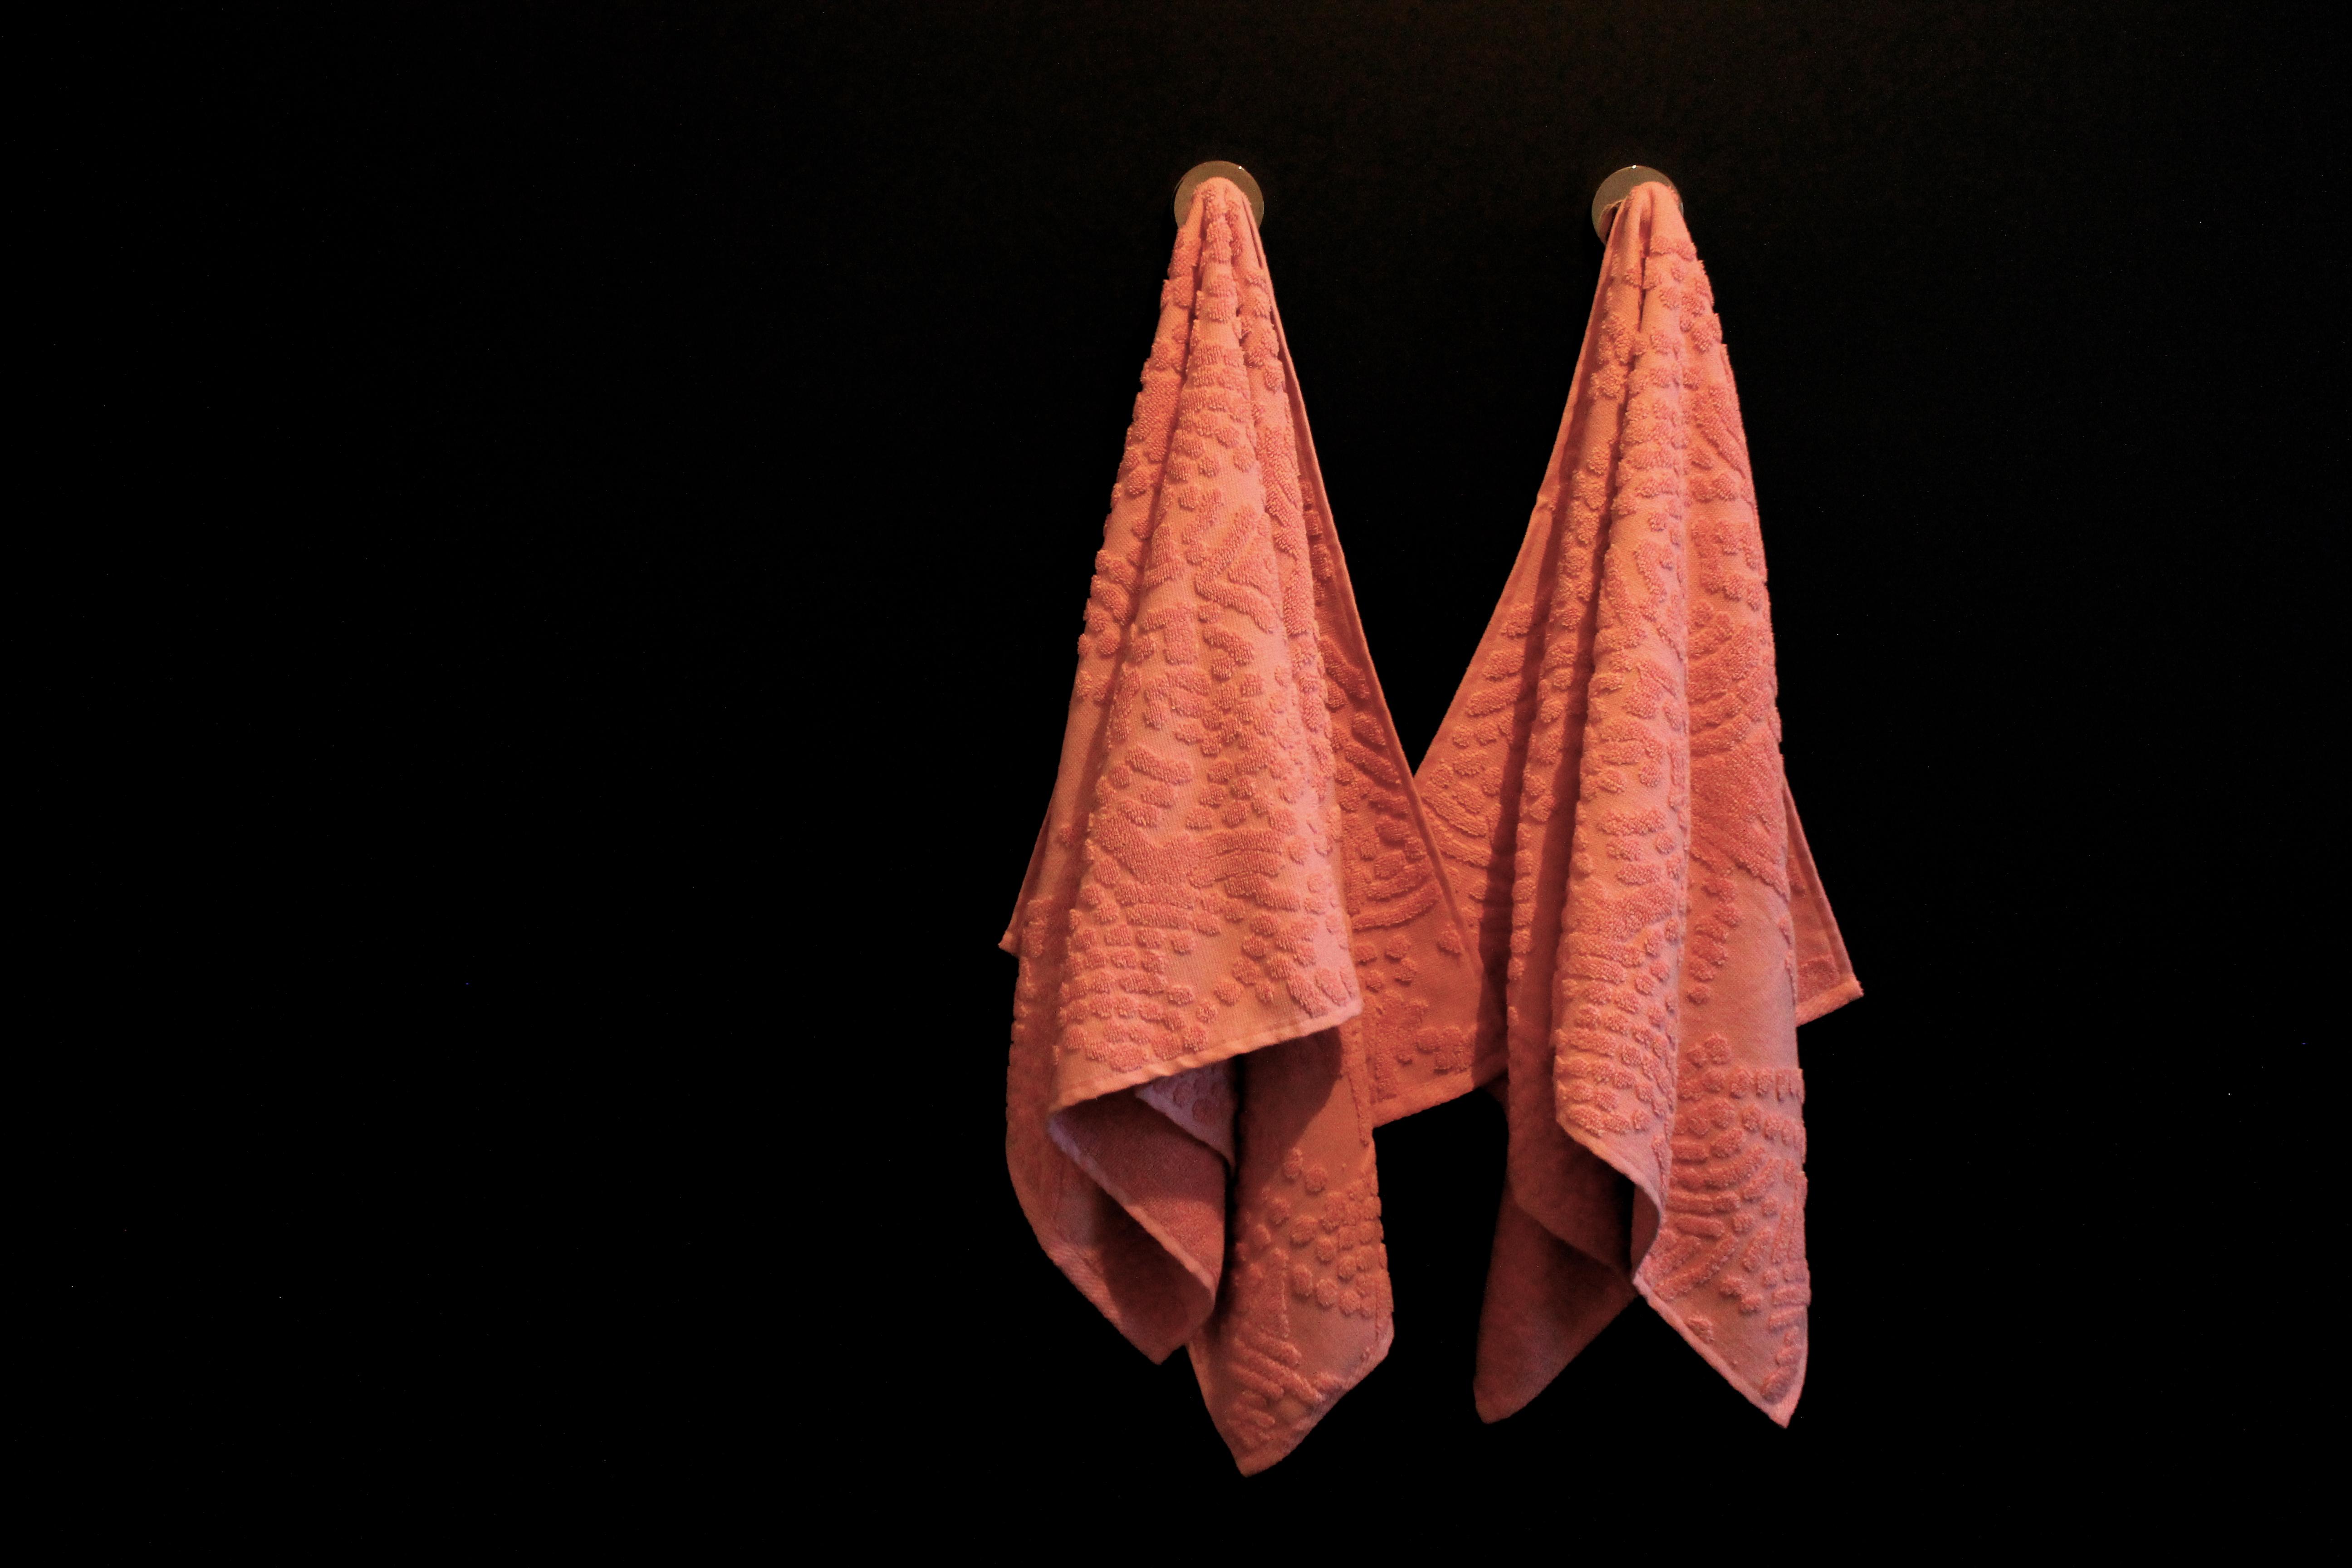 Svartir veggir og bleik handklæði